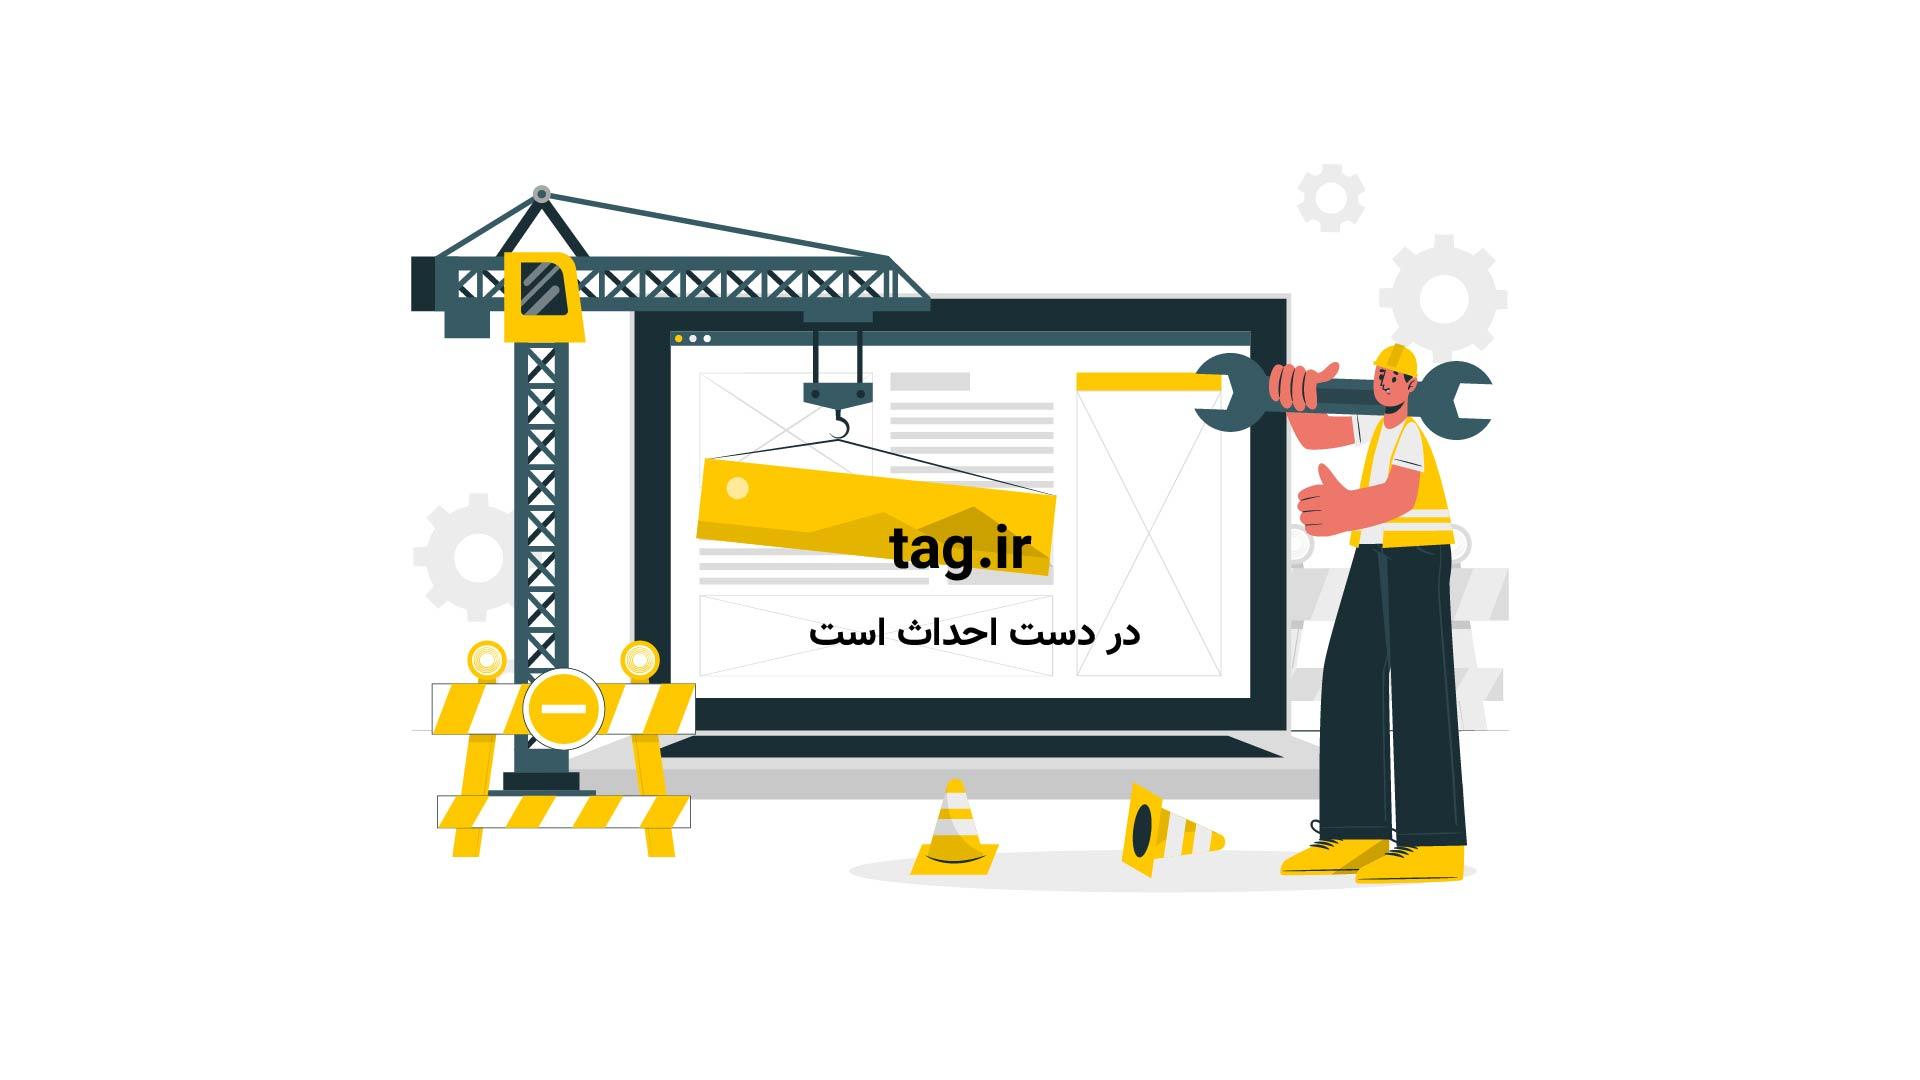 آبشار ویکتوریا در زامبیا | فیلم